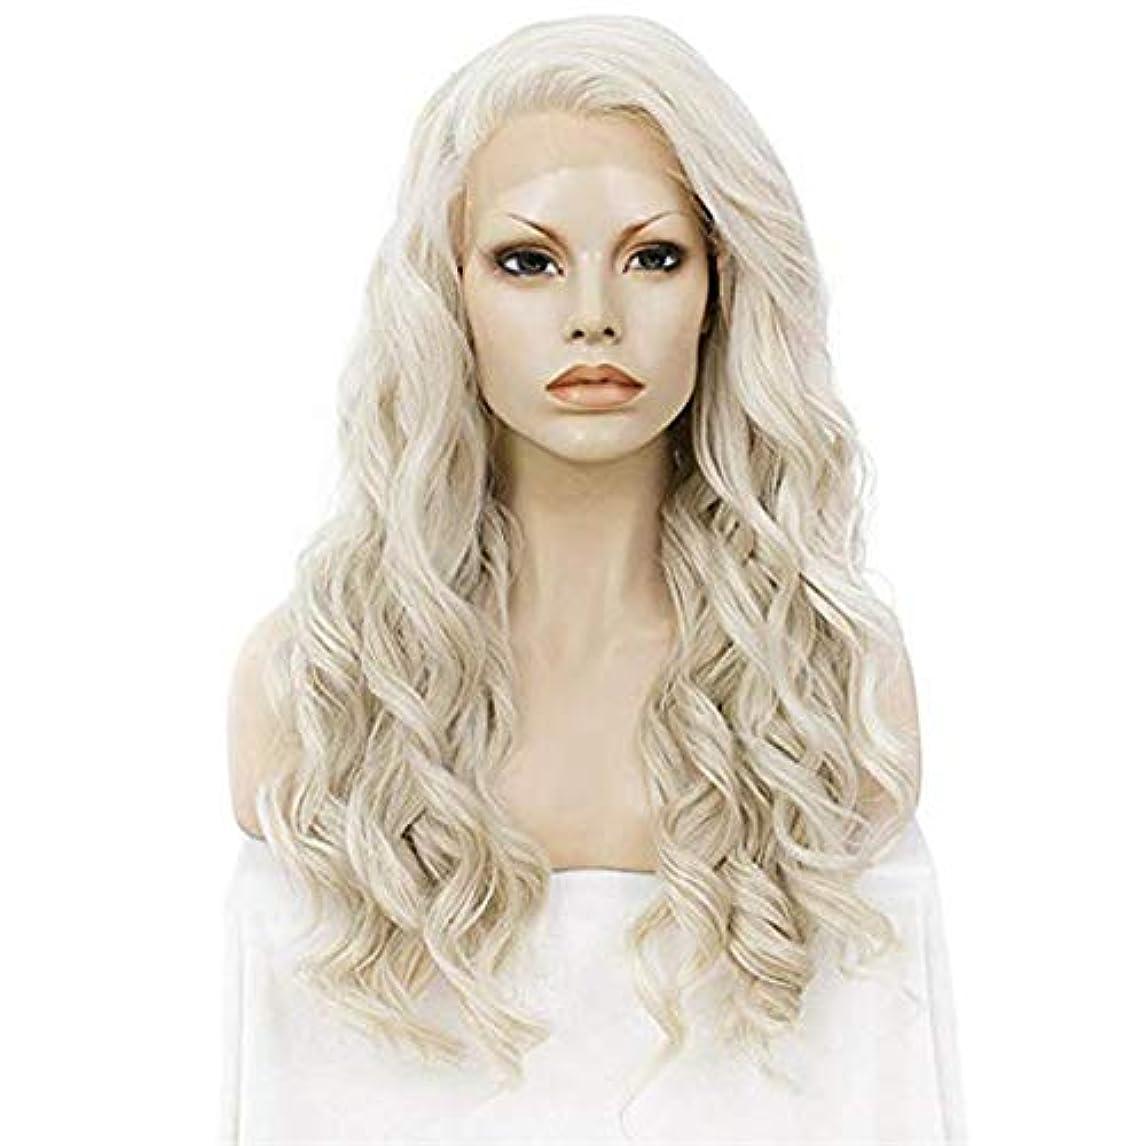 些細な散髪大通りヘアピース ヨーロッパおよびアメリカの女性の長い巻き毛のレースの金の大きい波の化学繊維の毛の自然なかつらの毛セット